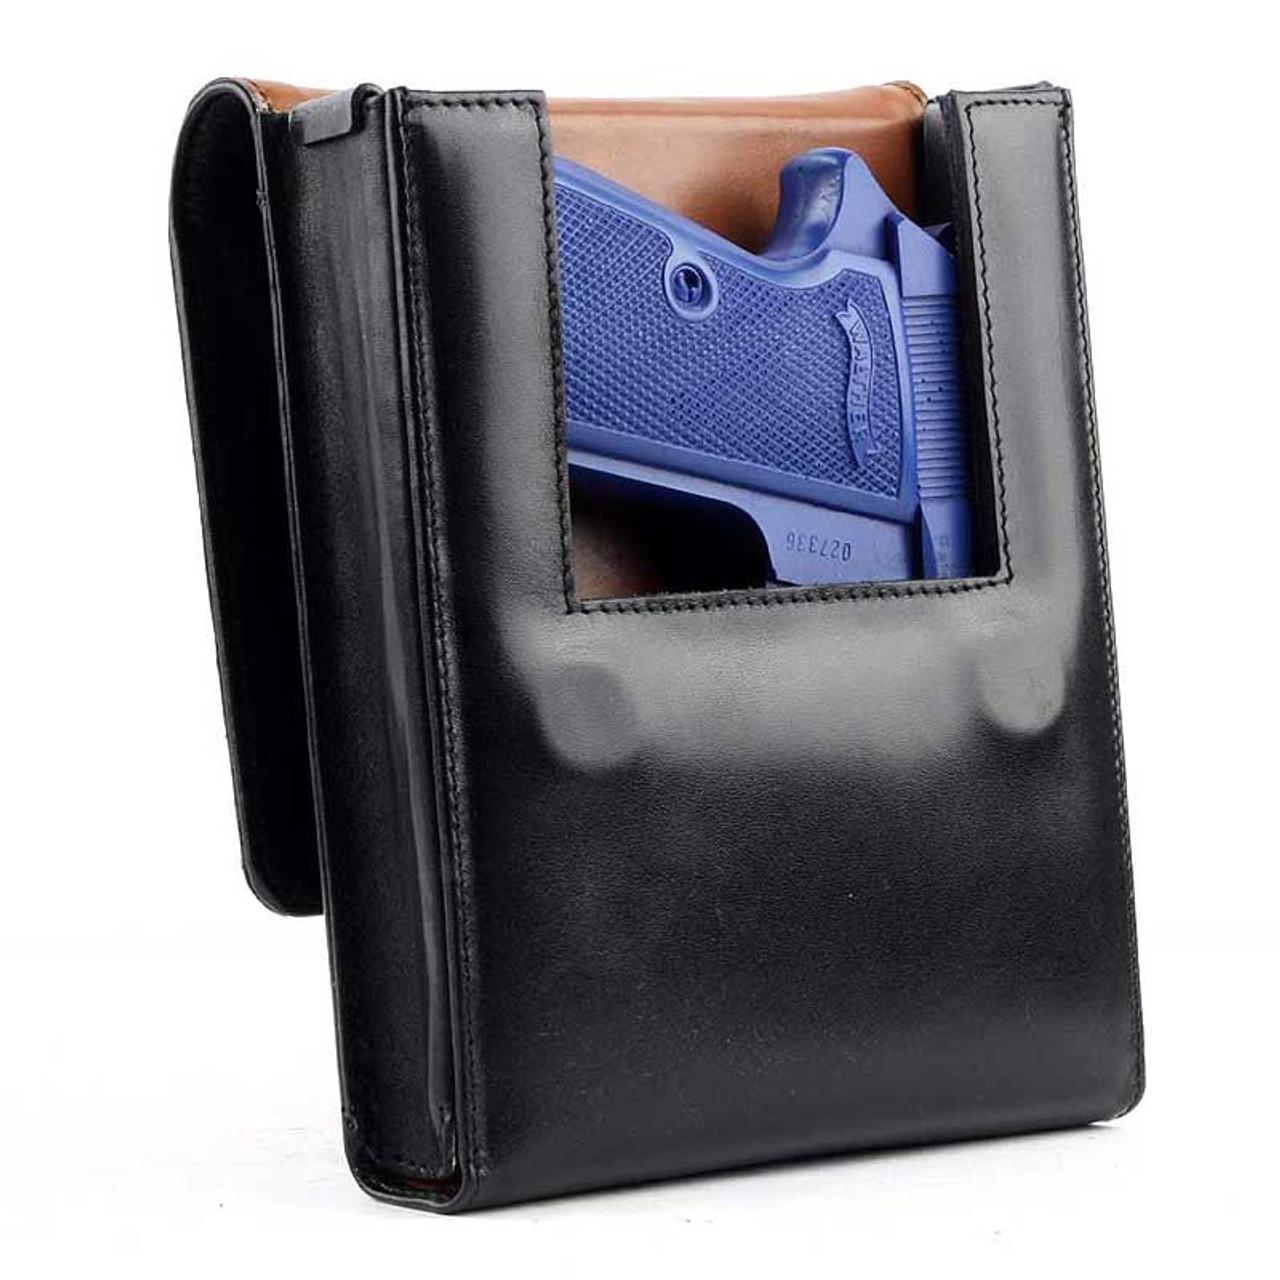 Walther PPK Concealed Carry Holster (Belt Loop)